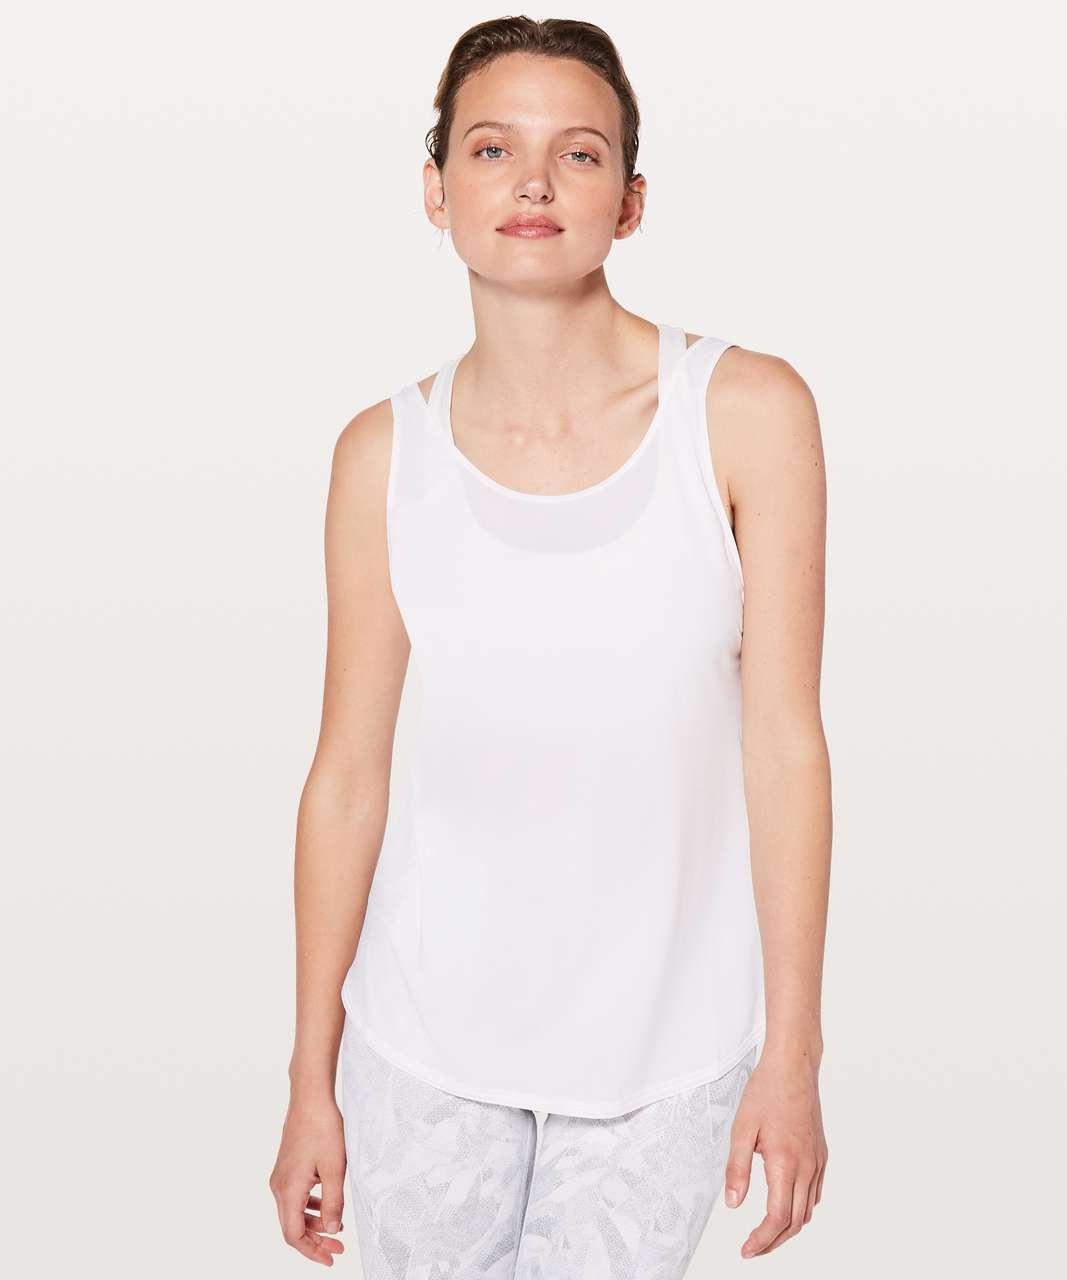 Lululemon Let It Slip Tank - White